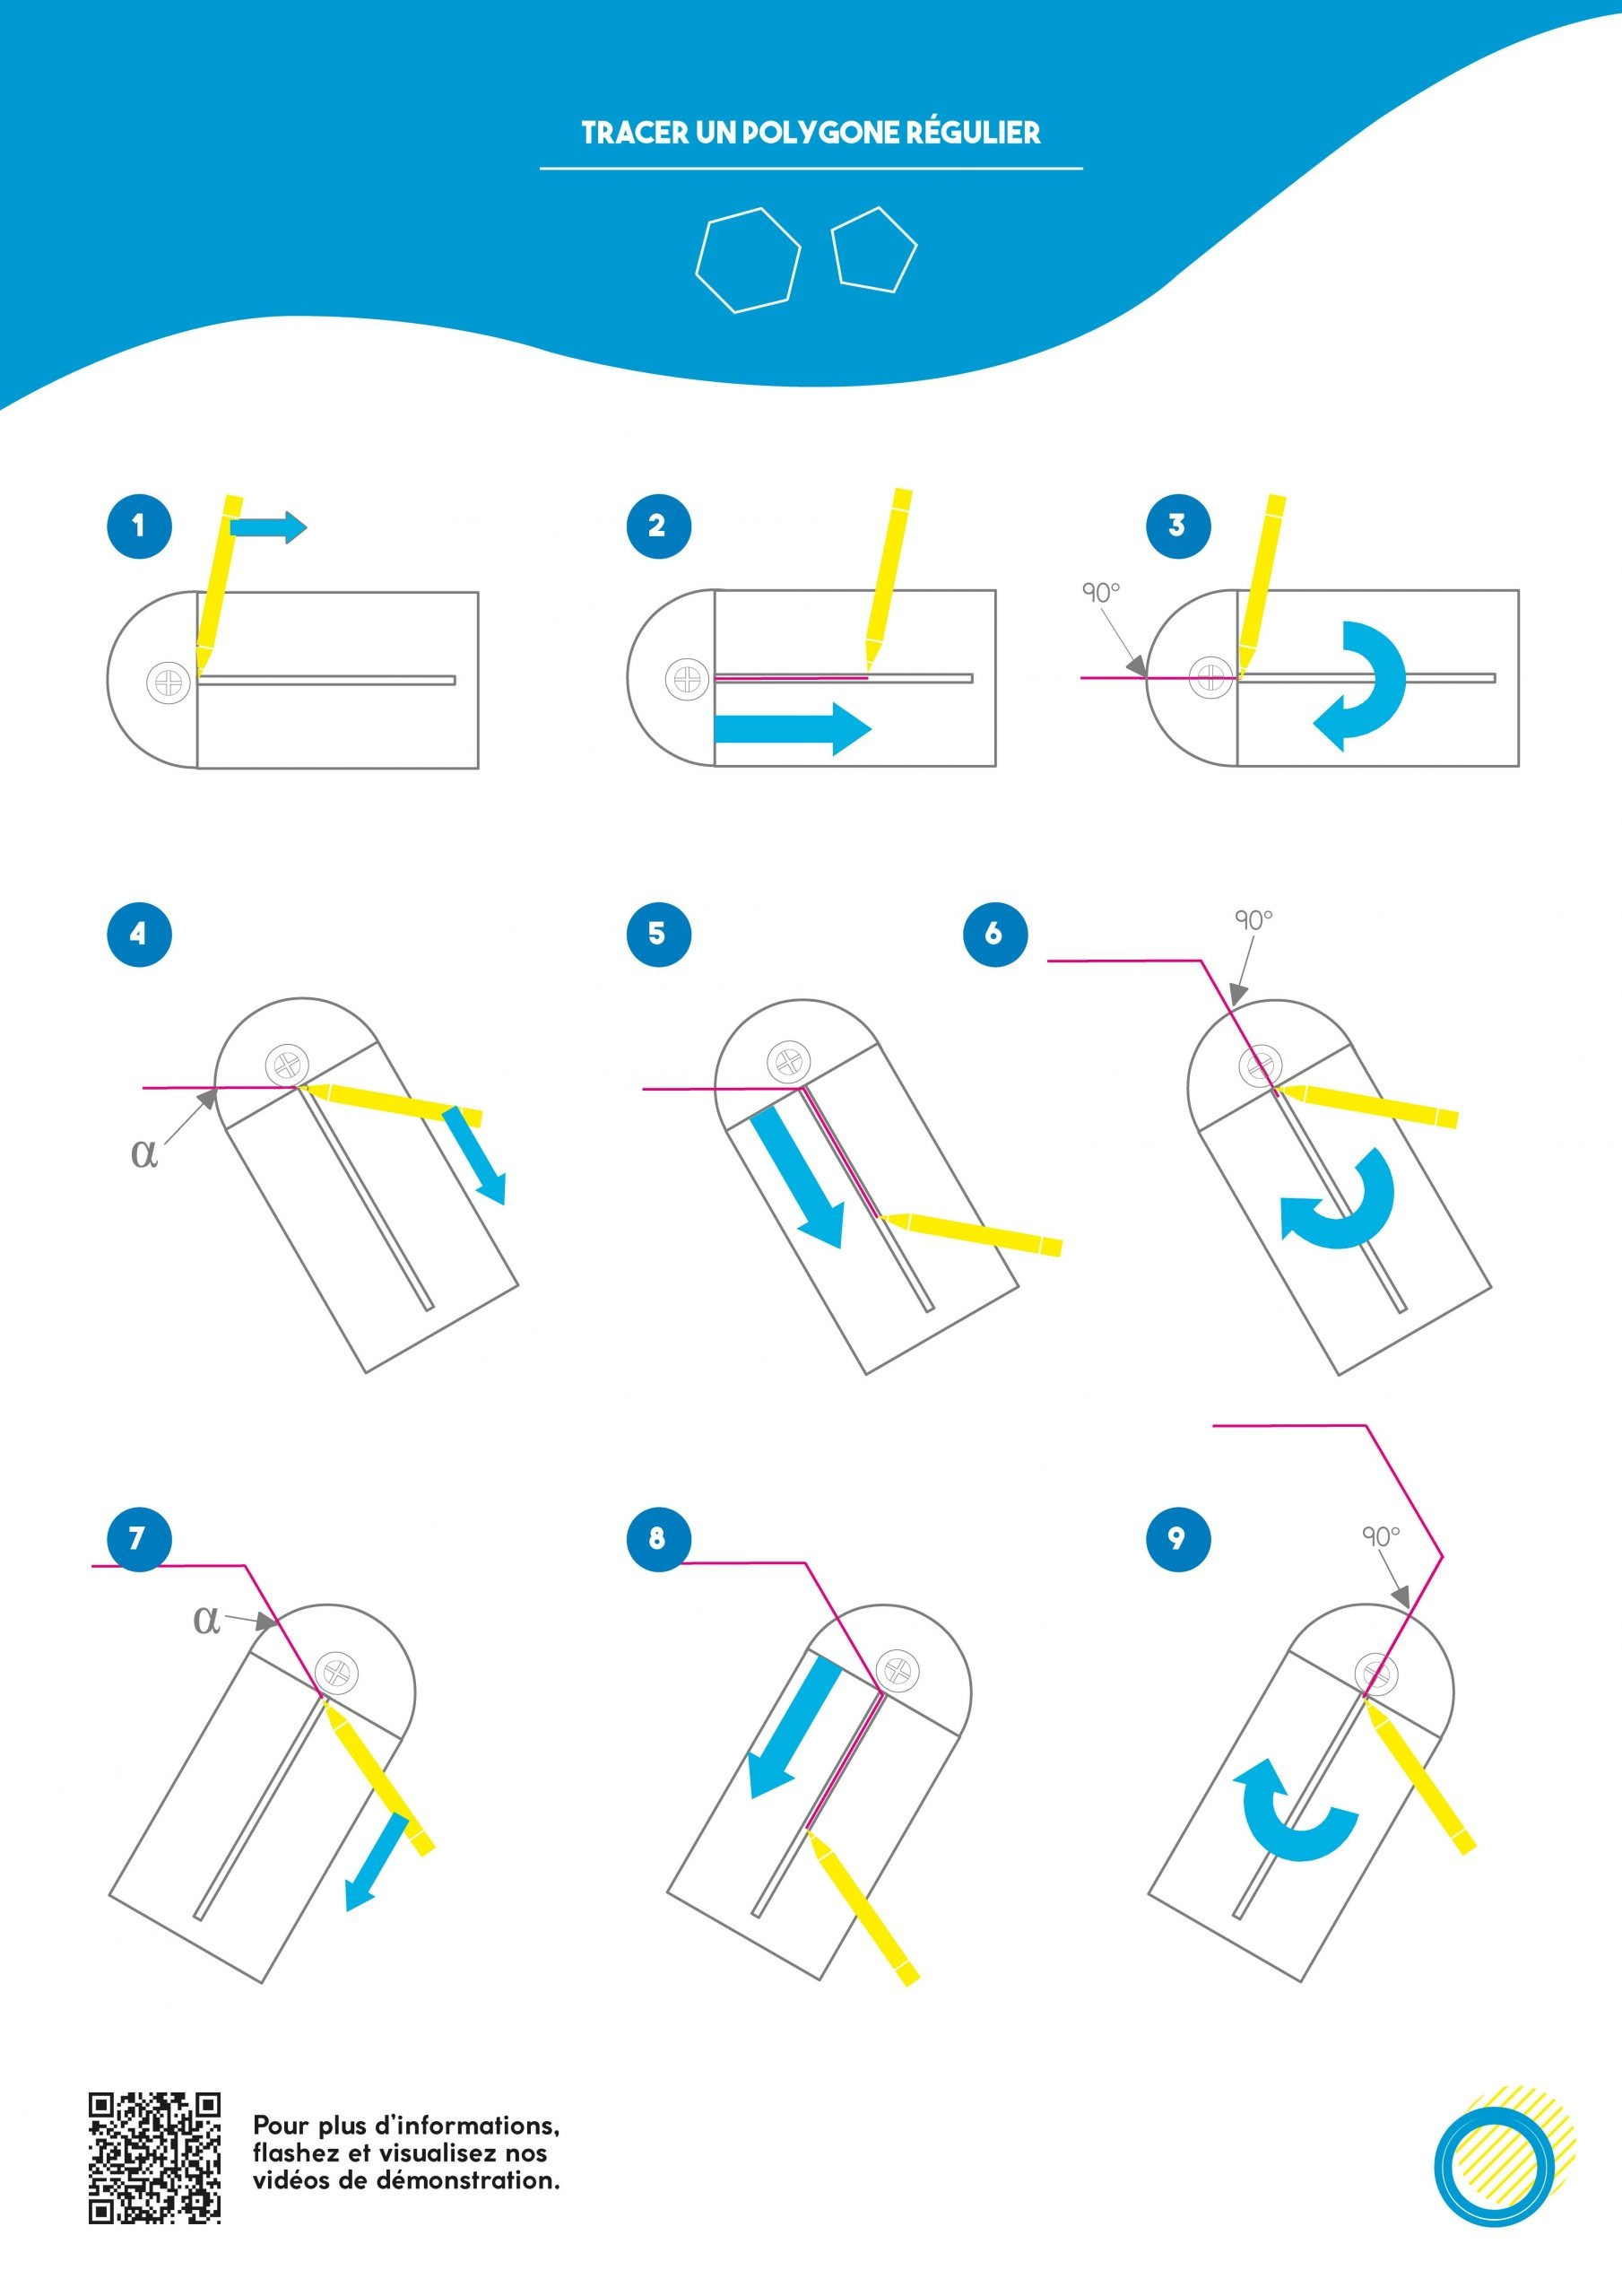 Comment ça marche le thaMographe